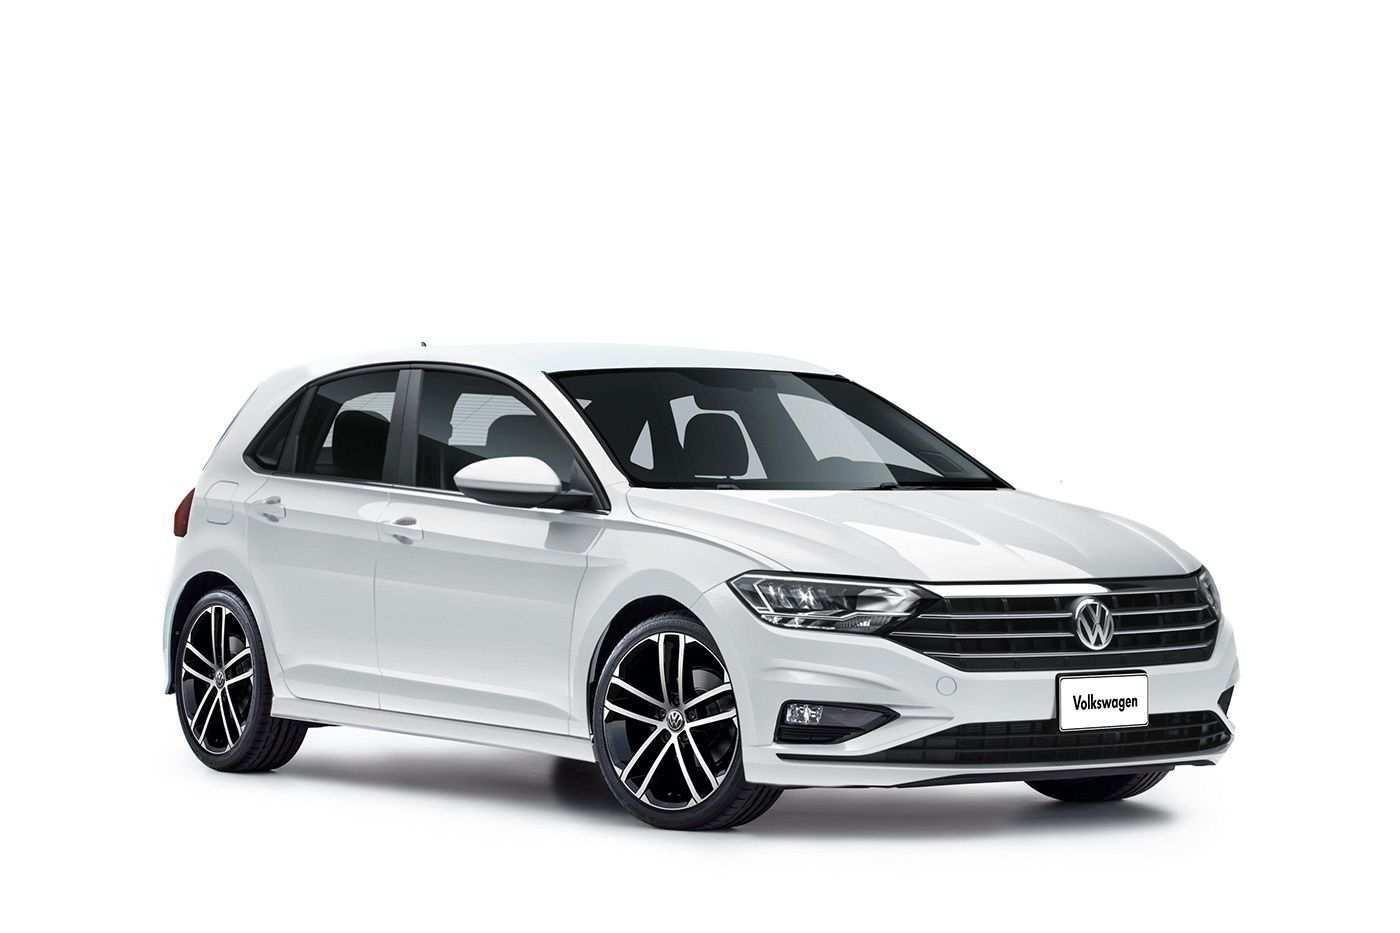 74 Concept of Volkswagen Arteon 2020 Exterior Date Pricing for Volkswagen Arteon 2020 Exterior Date